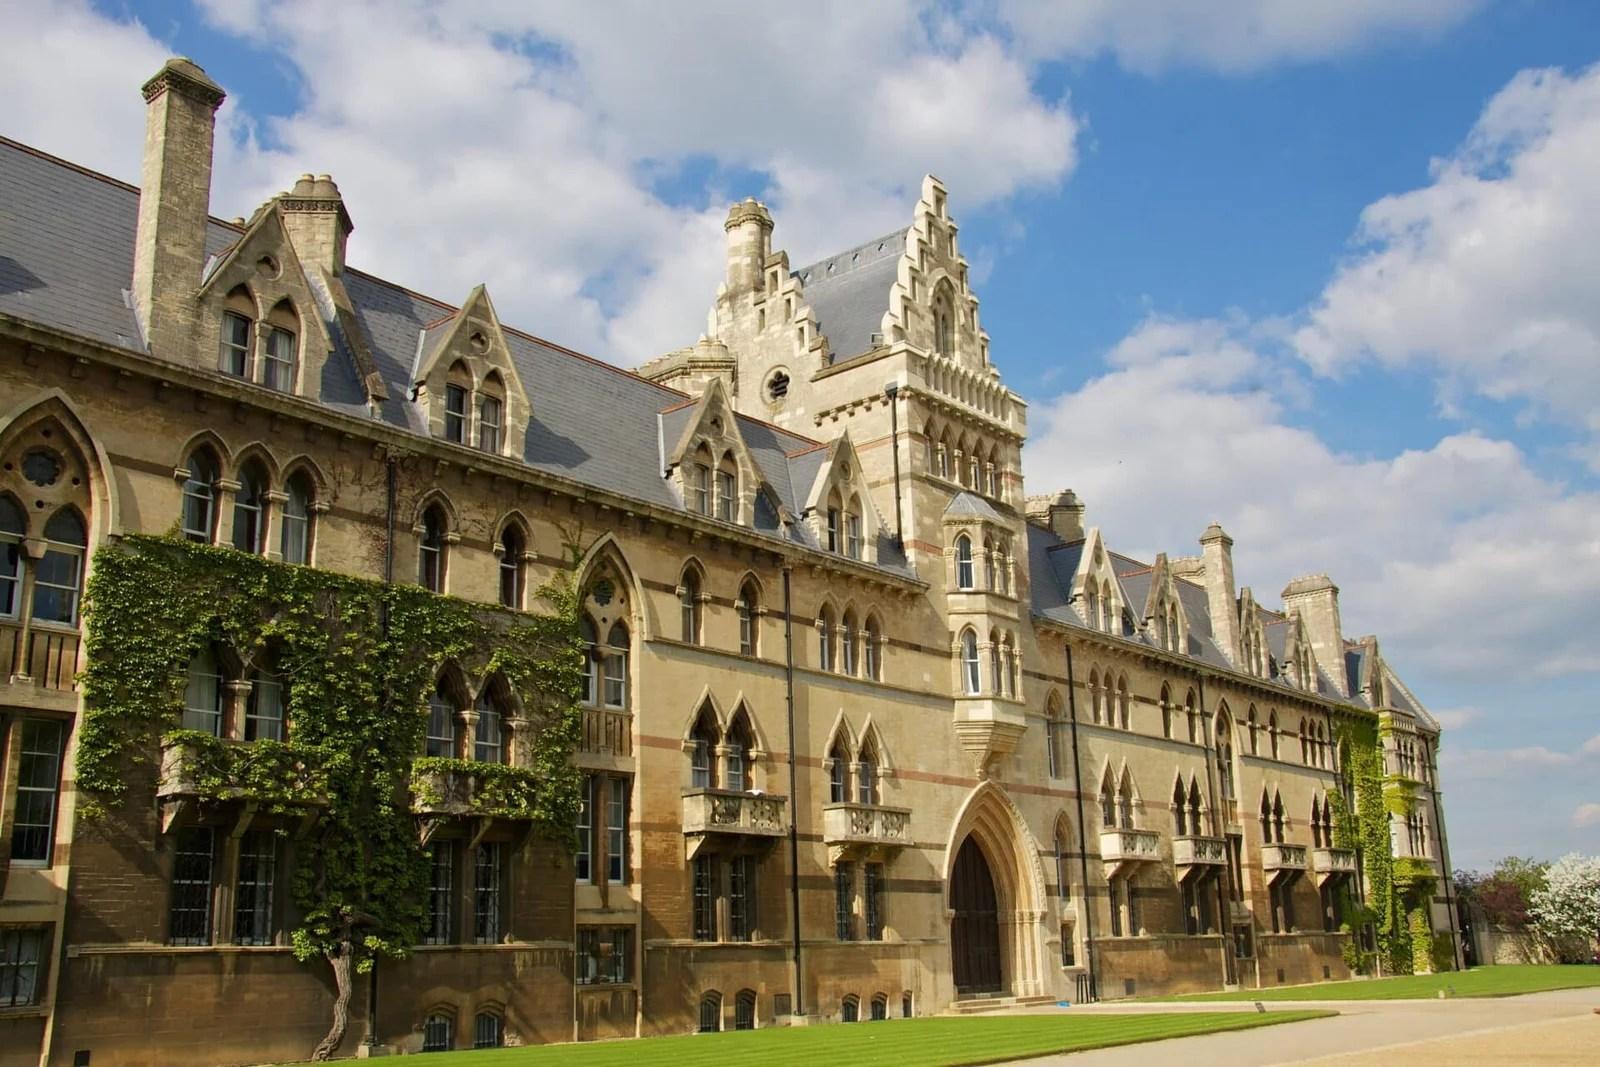 photos of Oxford